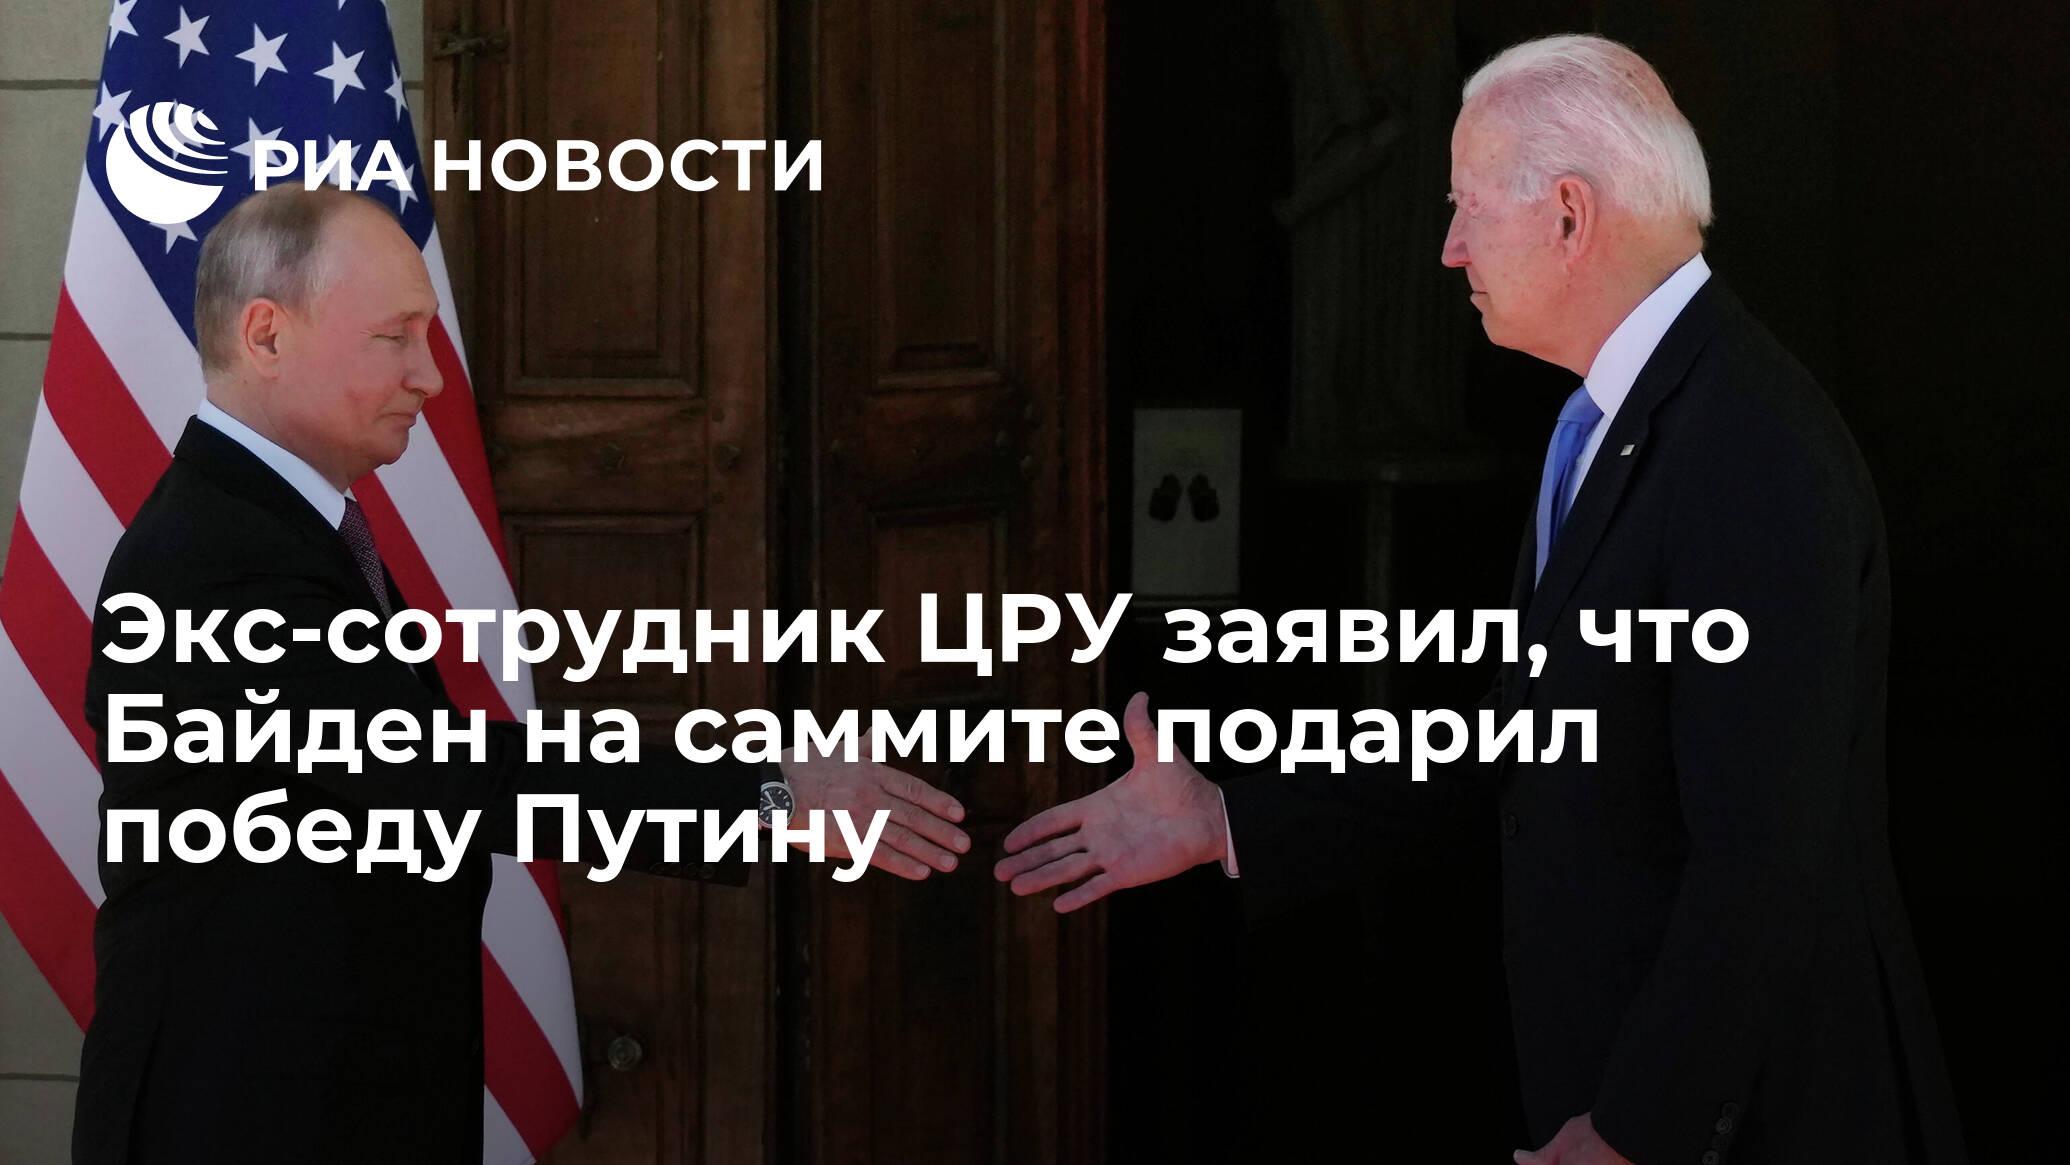 Экс-сотрудник ЦРУ заявил, что Байден на саммите подарил победу Путину